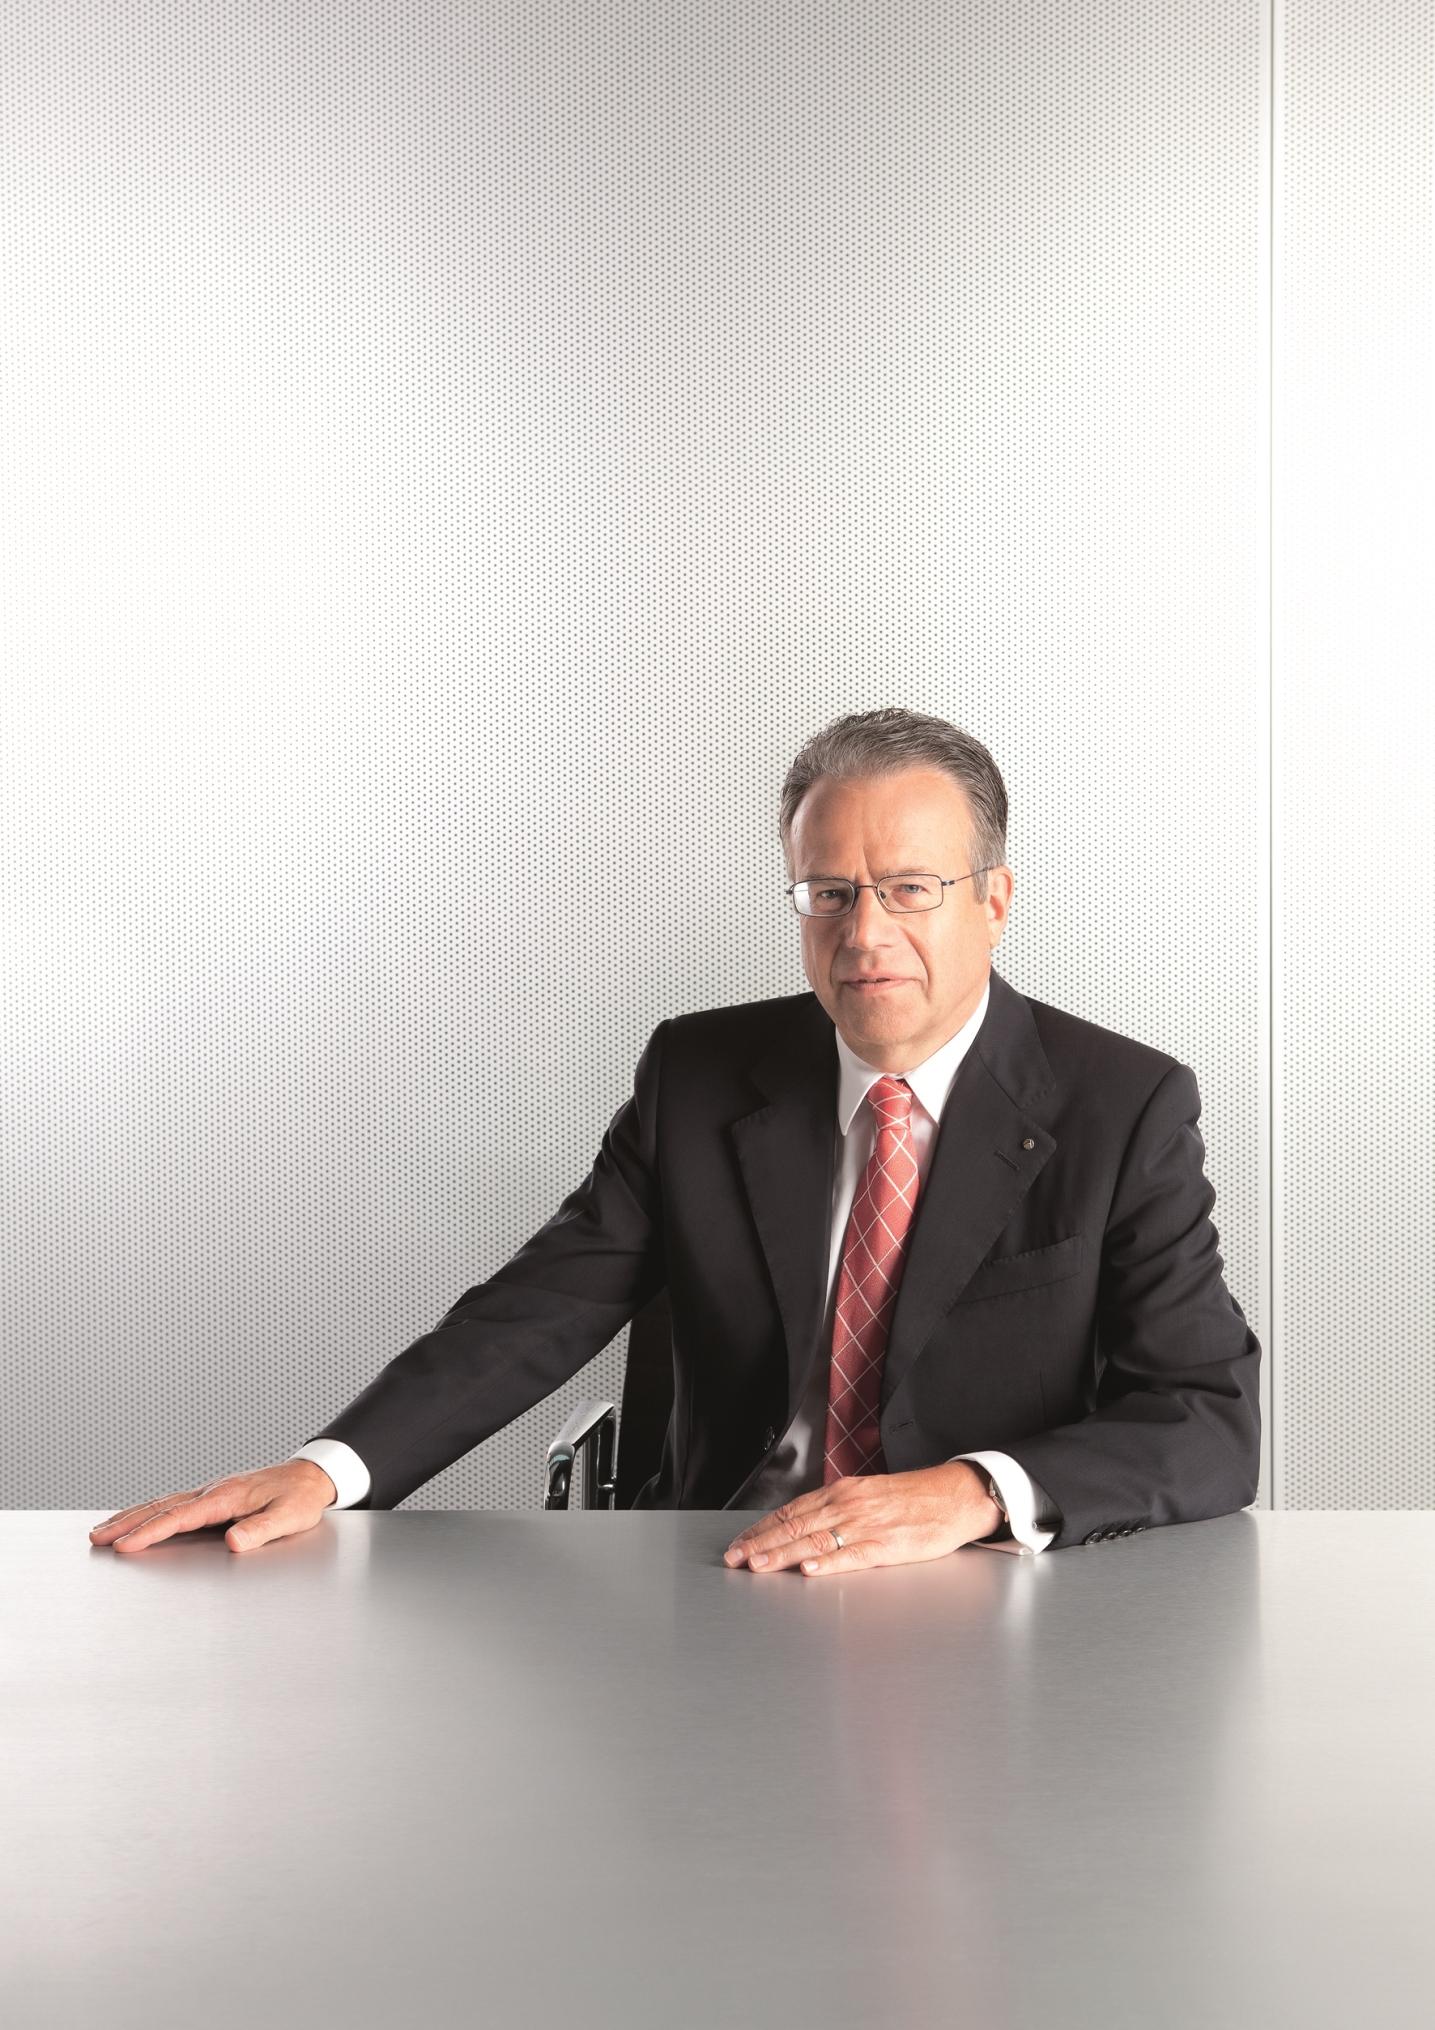 Künftig an zwei Schreibtischen unterwegs: Frank-Jürgen Weise (Foto: Bundesagentur für Arbeit)